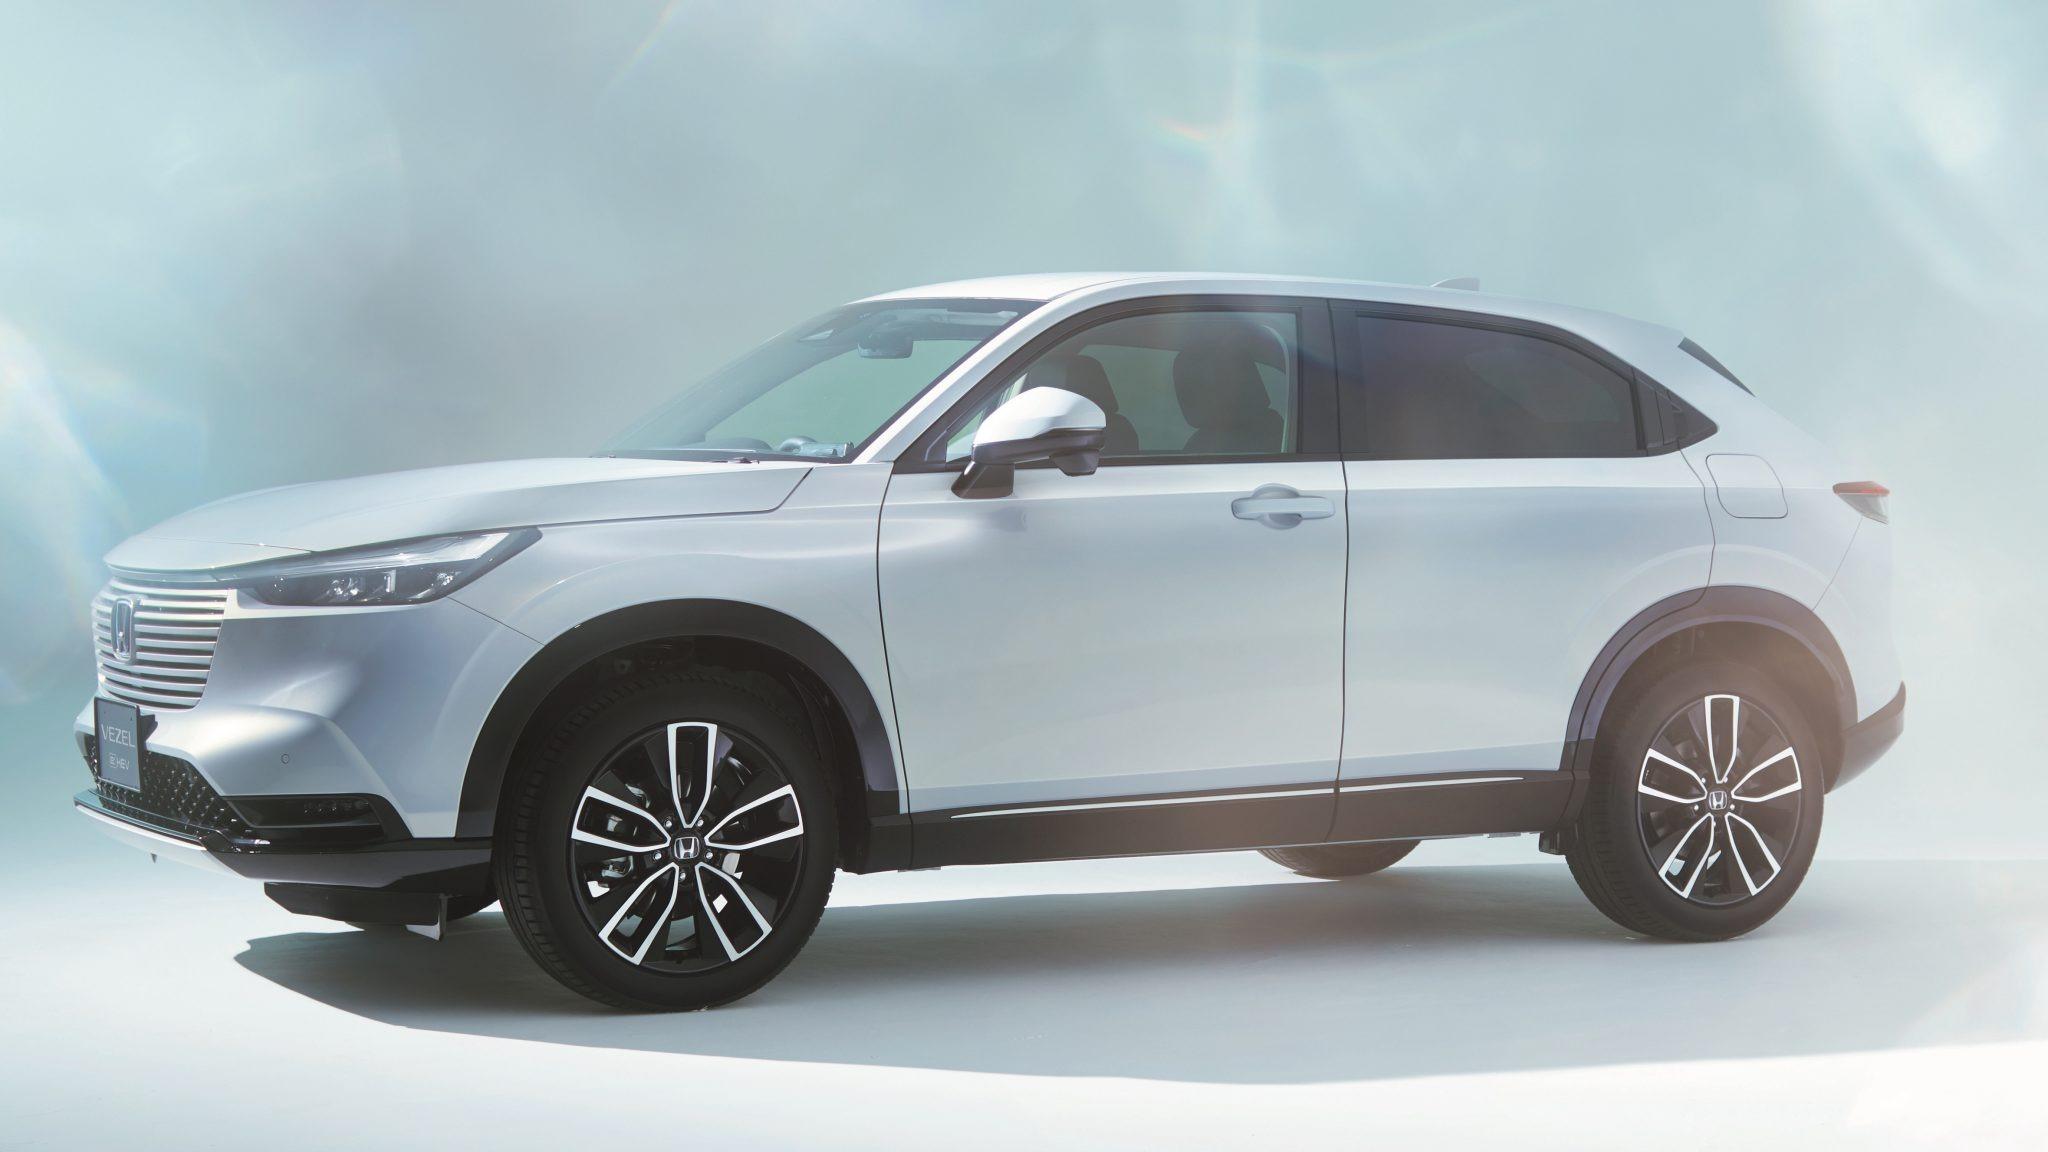 2022 Honda HRV Wallpapers